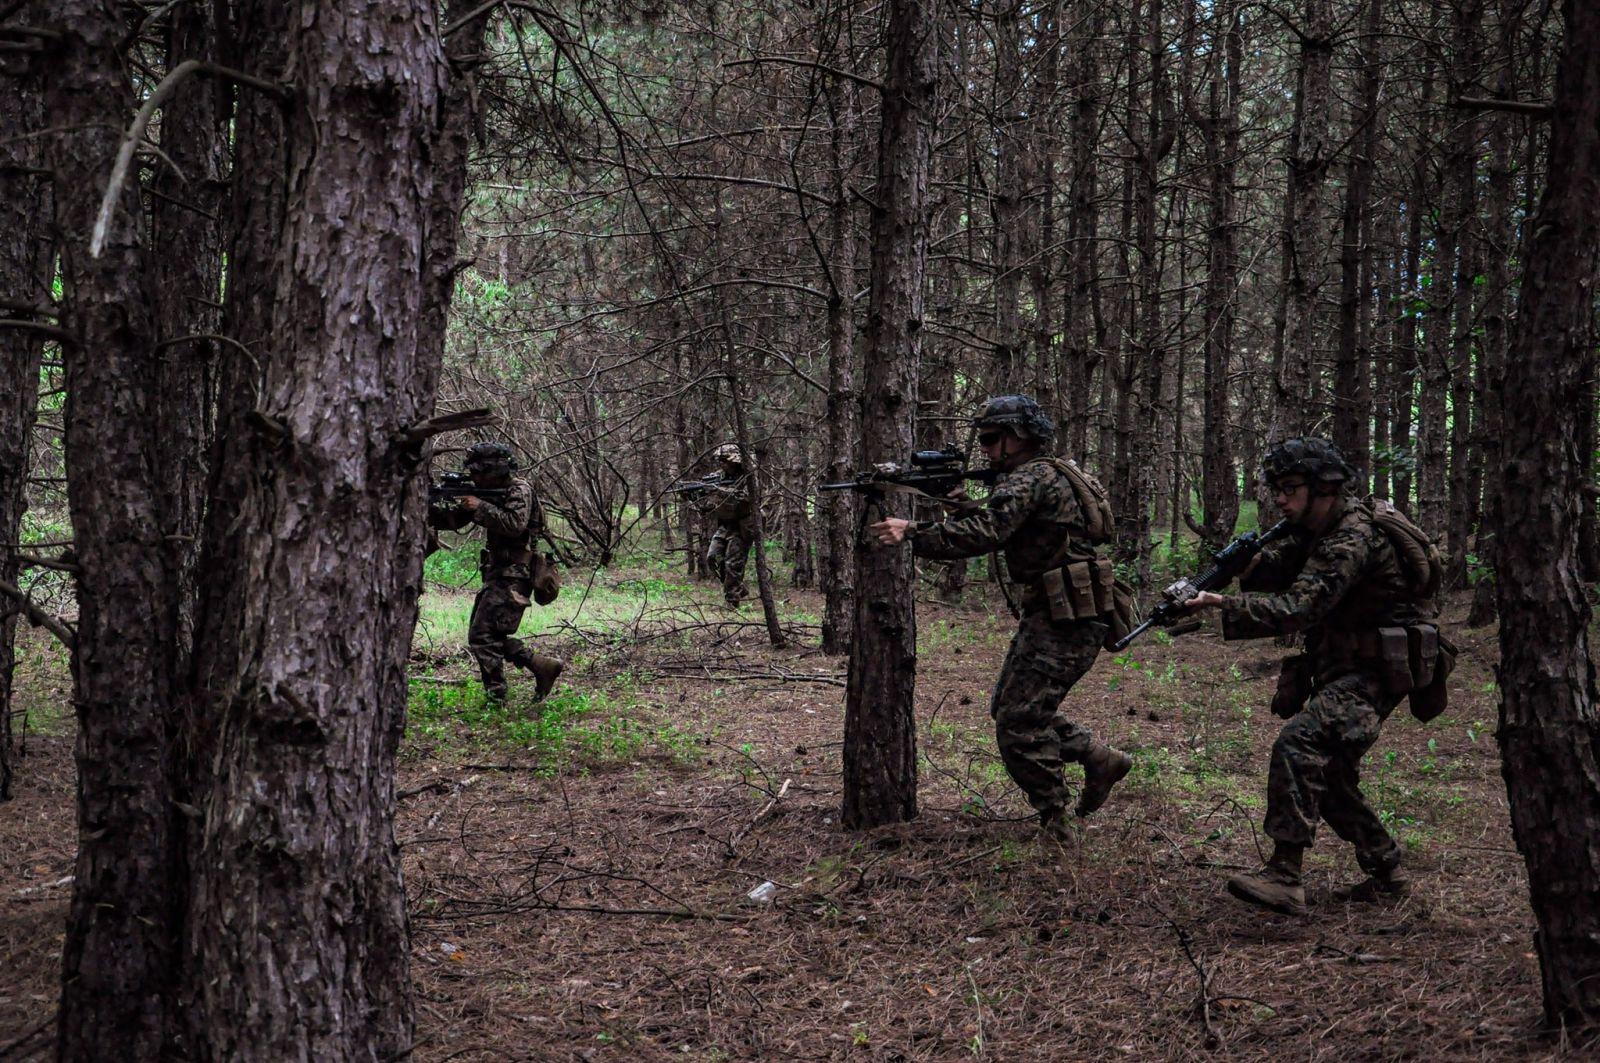 Морская пехота ВСУ, США и Грузии атаковали тыл противника. Фото: Минобороны